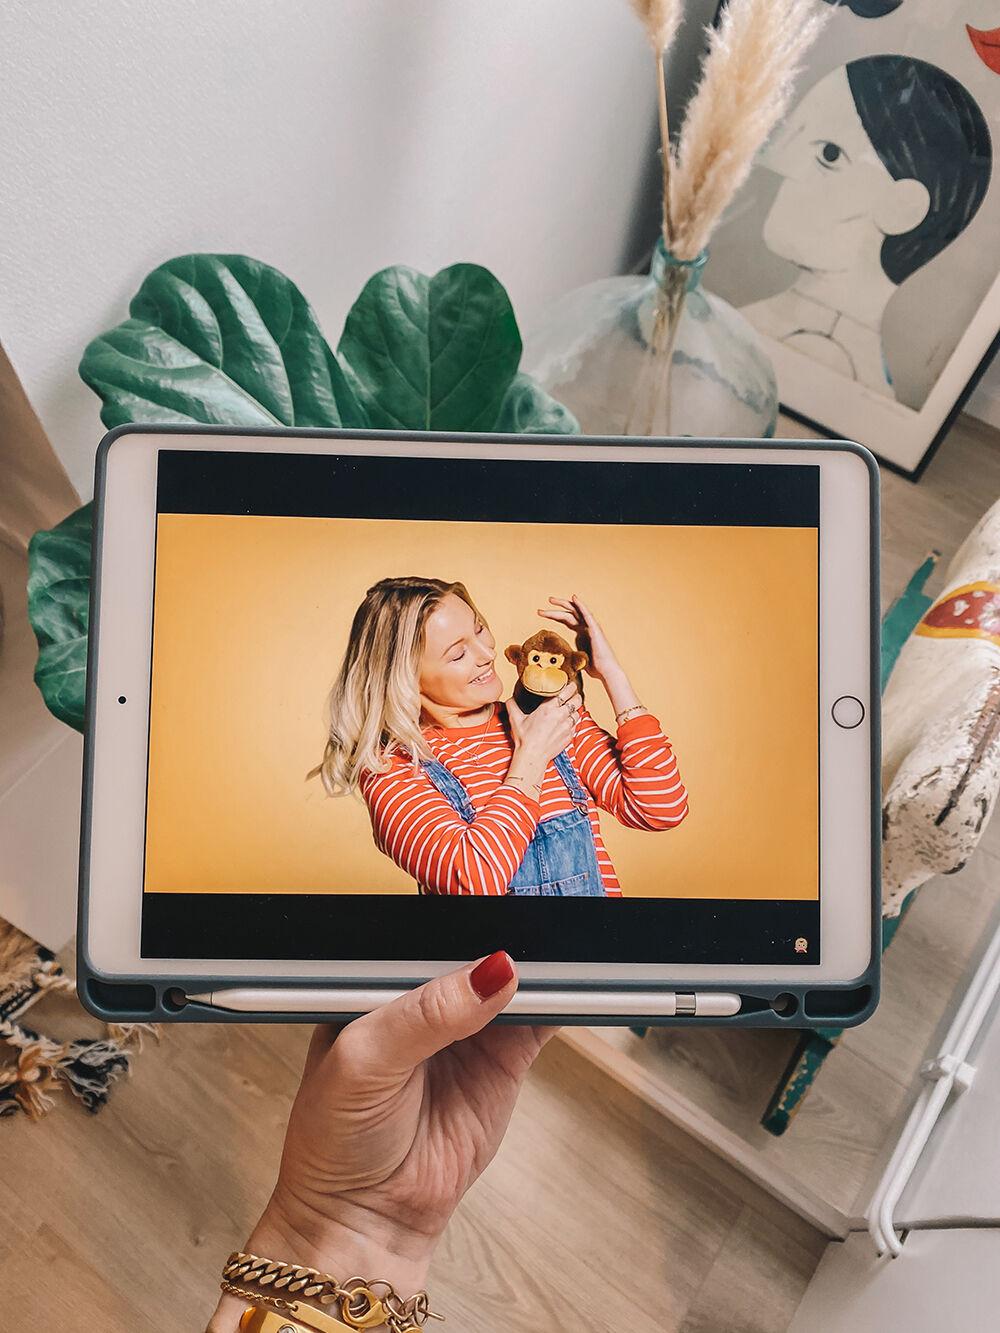 barnsånger med vanja svenska barnsånger med rörelser babyloonz lekis tv